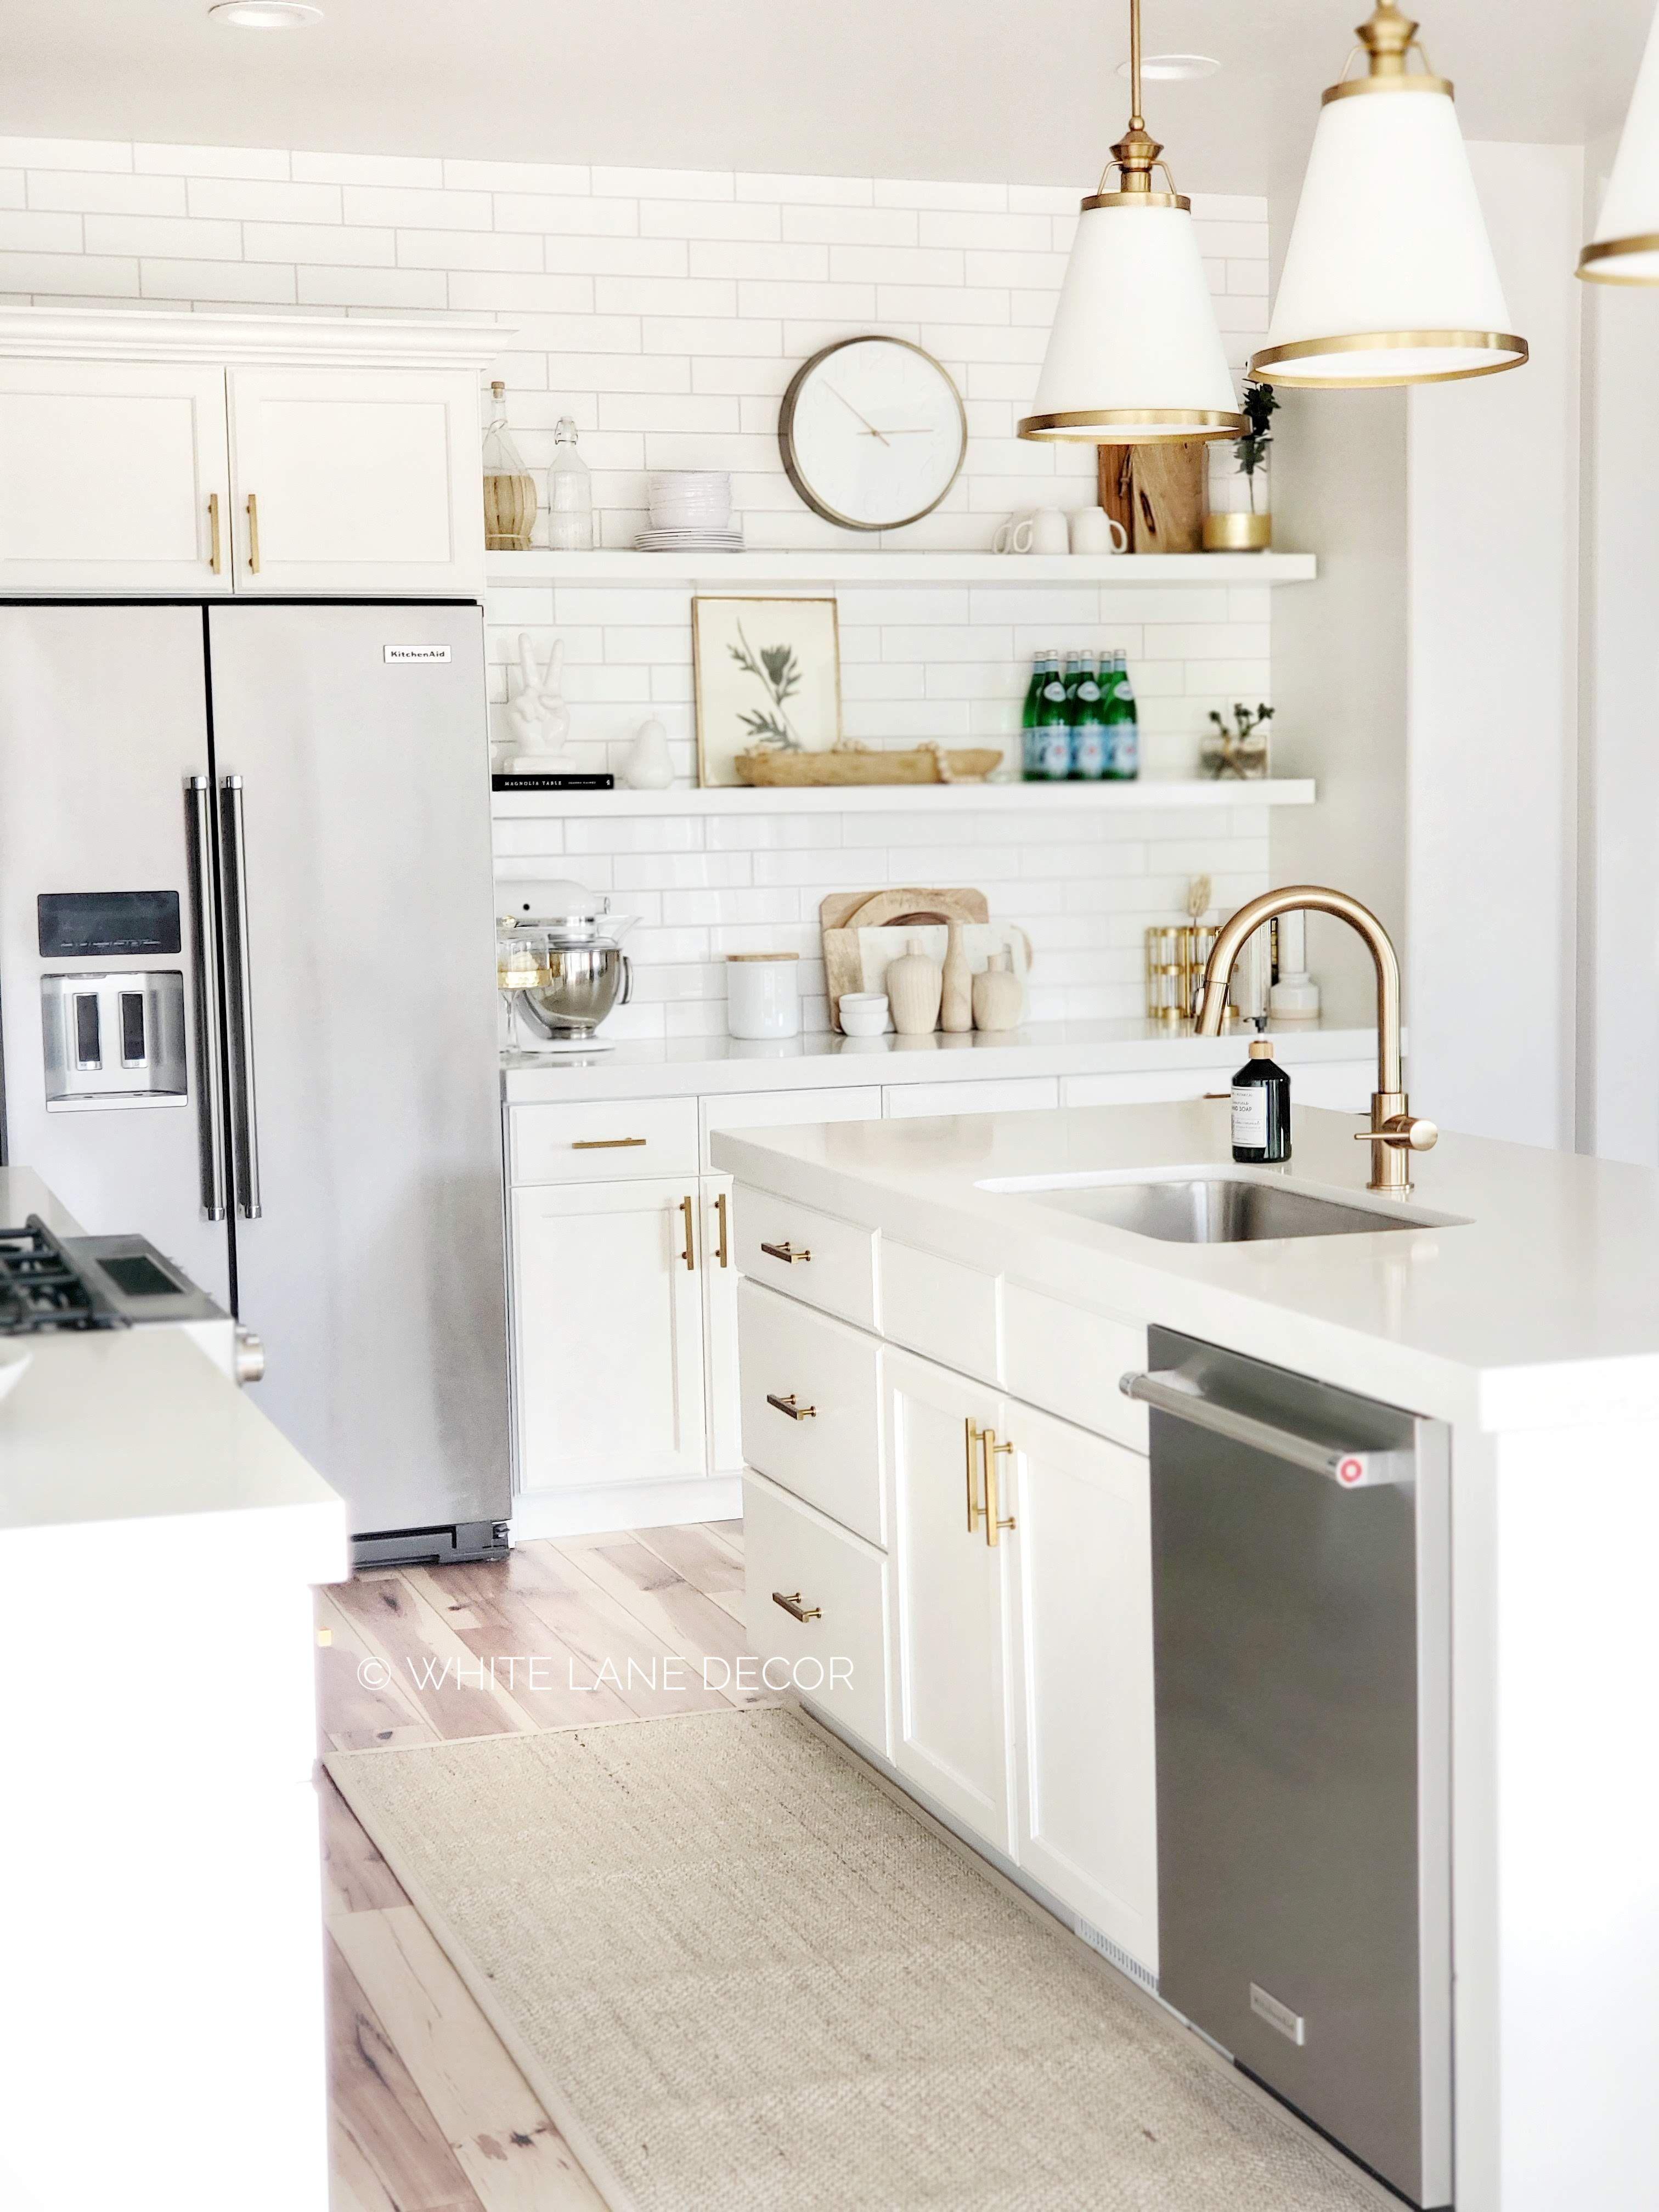 Gold And White Kitchen White Lane Decor Modern Kitchen Design Kitchen Design Kitchen Remodel